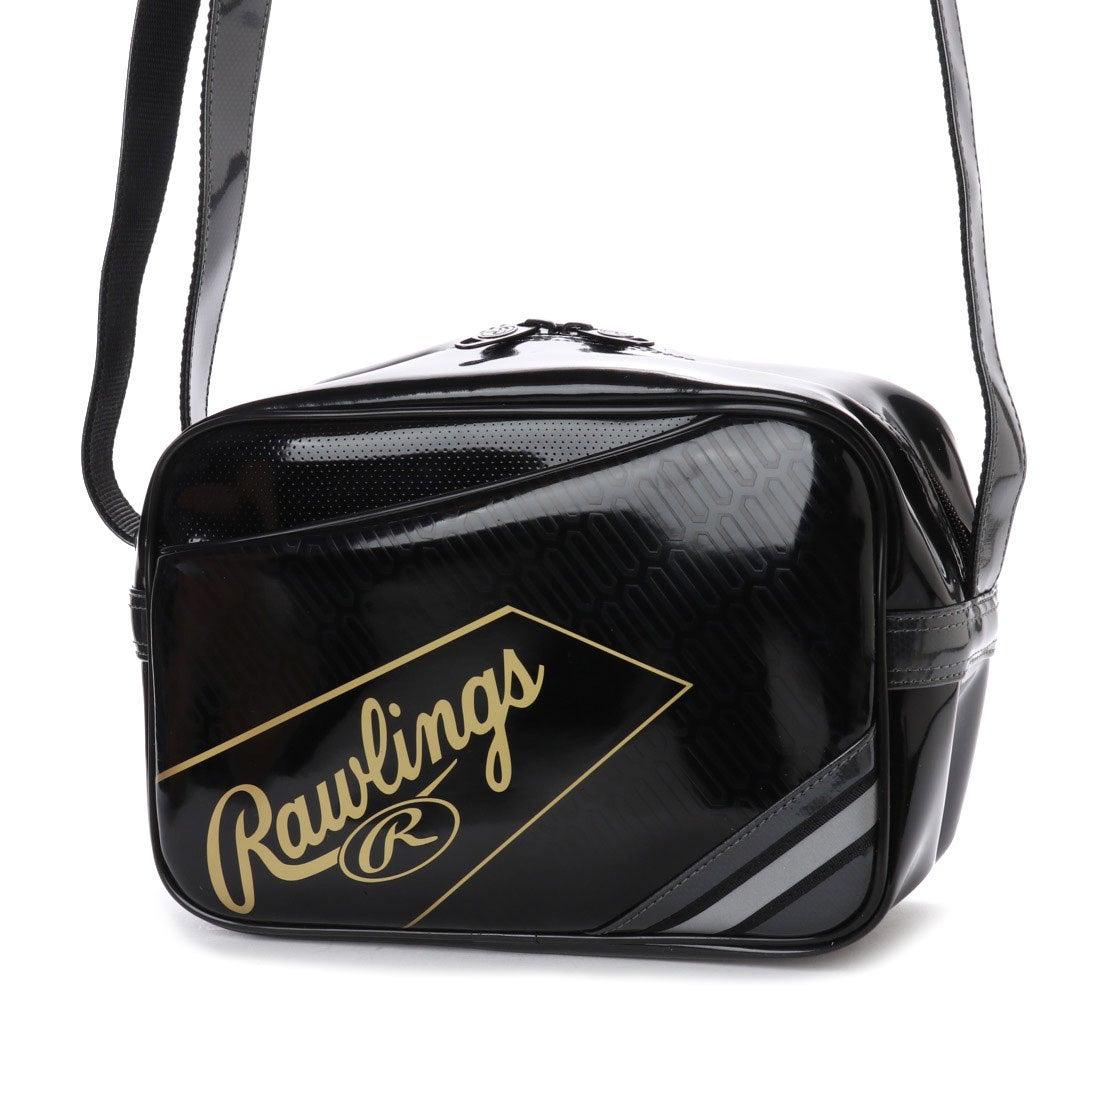 ローリングス Rawlings 野球 エナメルバッグ ミニショルダーバッグ EBP8S21